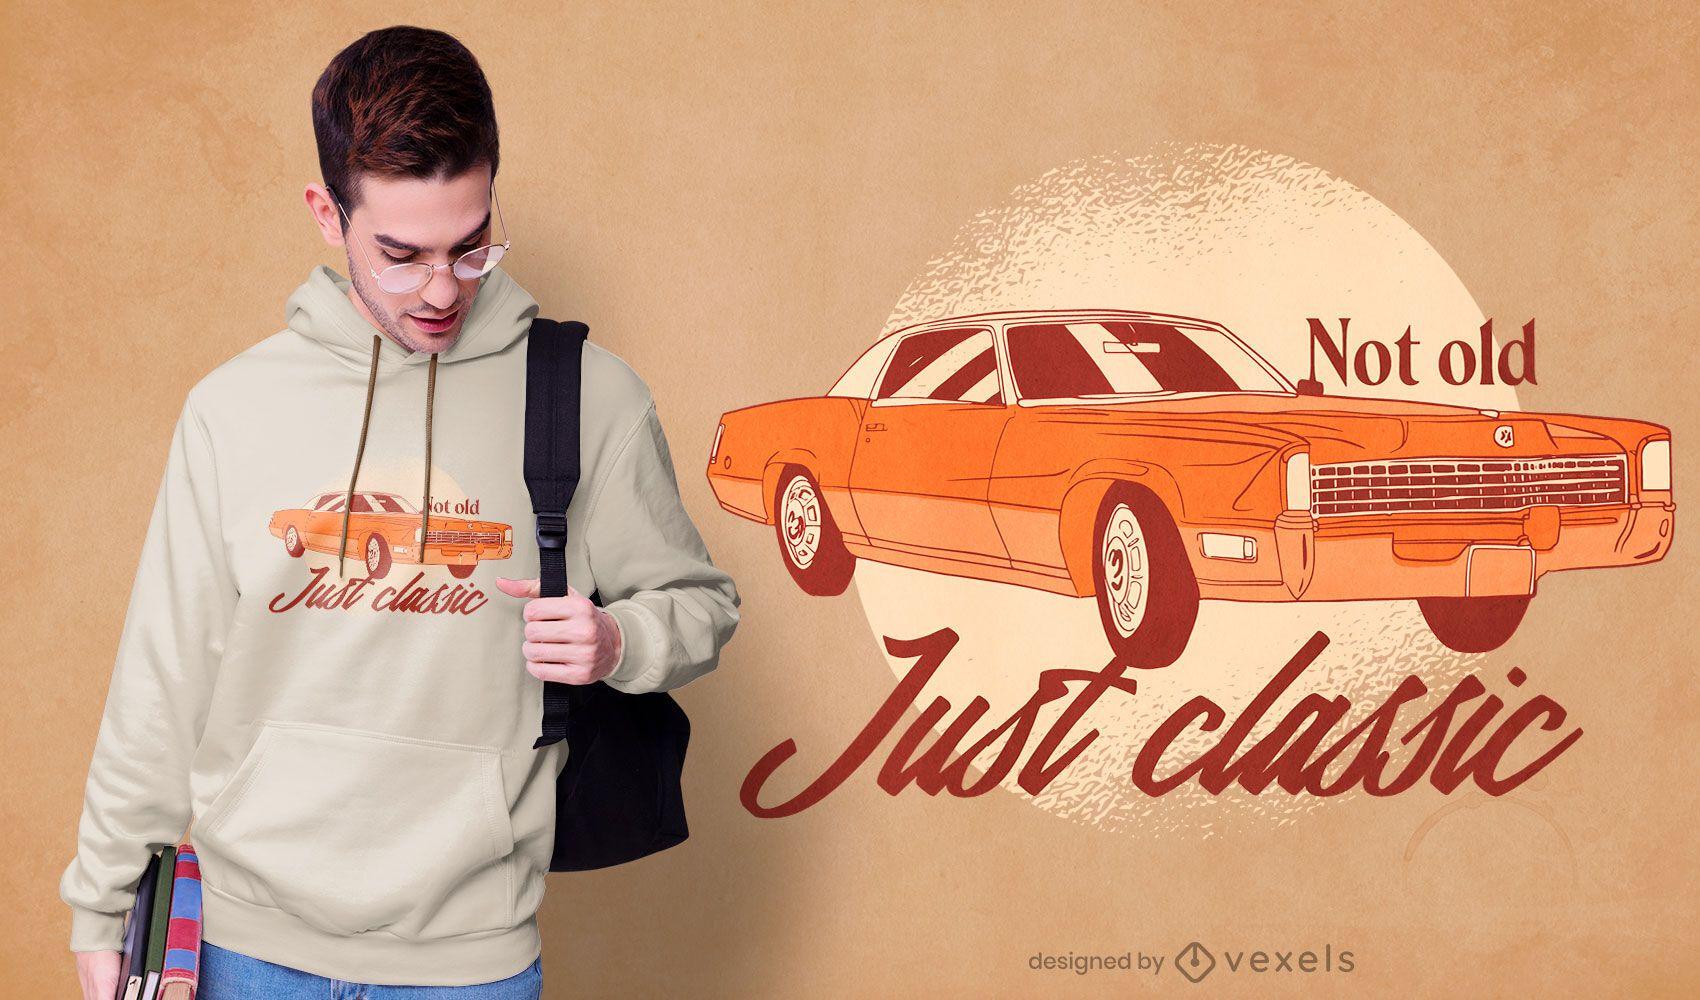 Just classic car t-shirt design